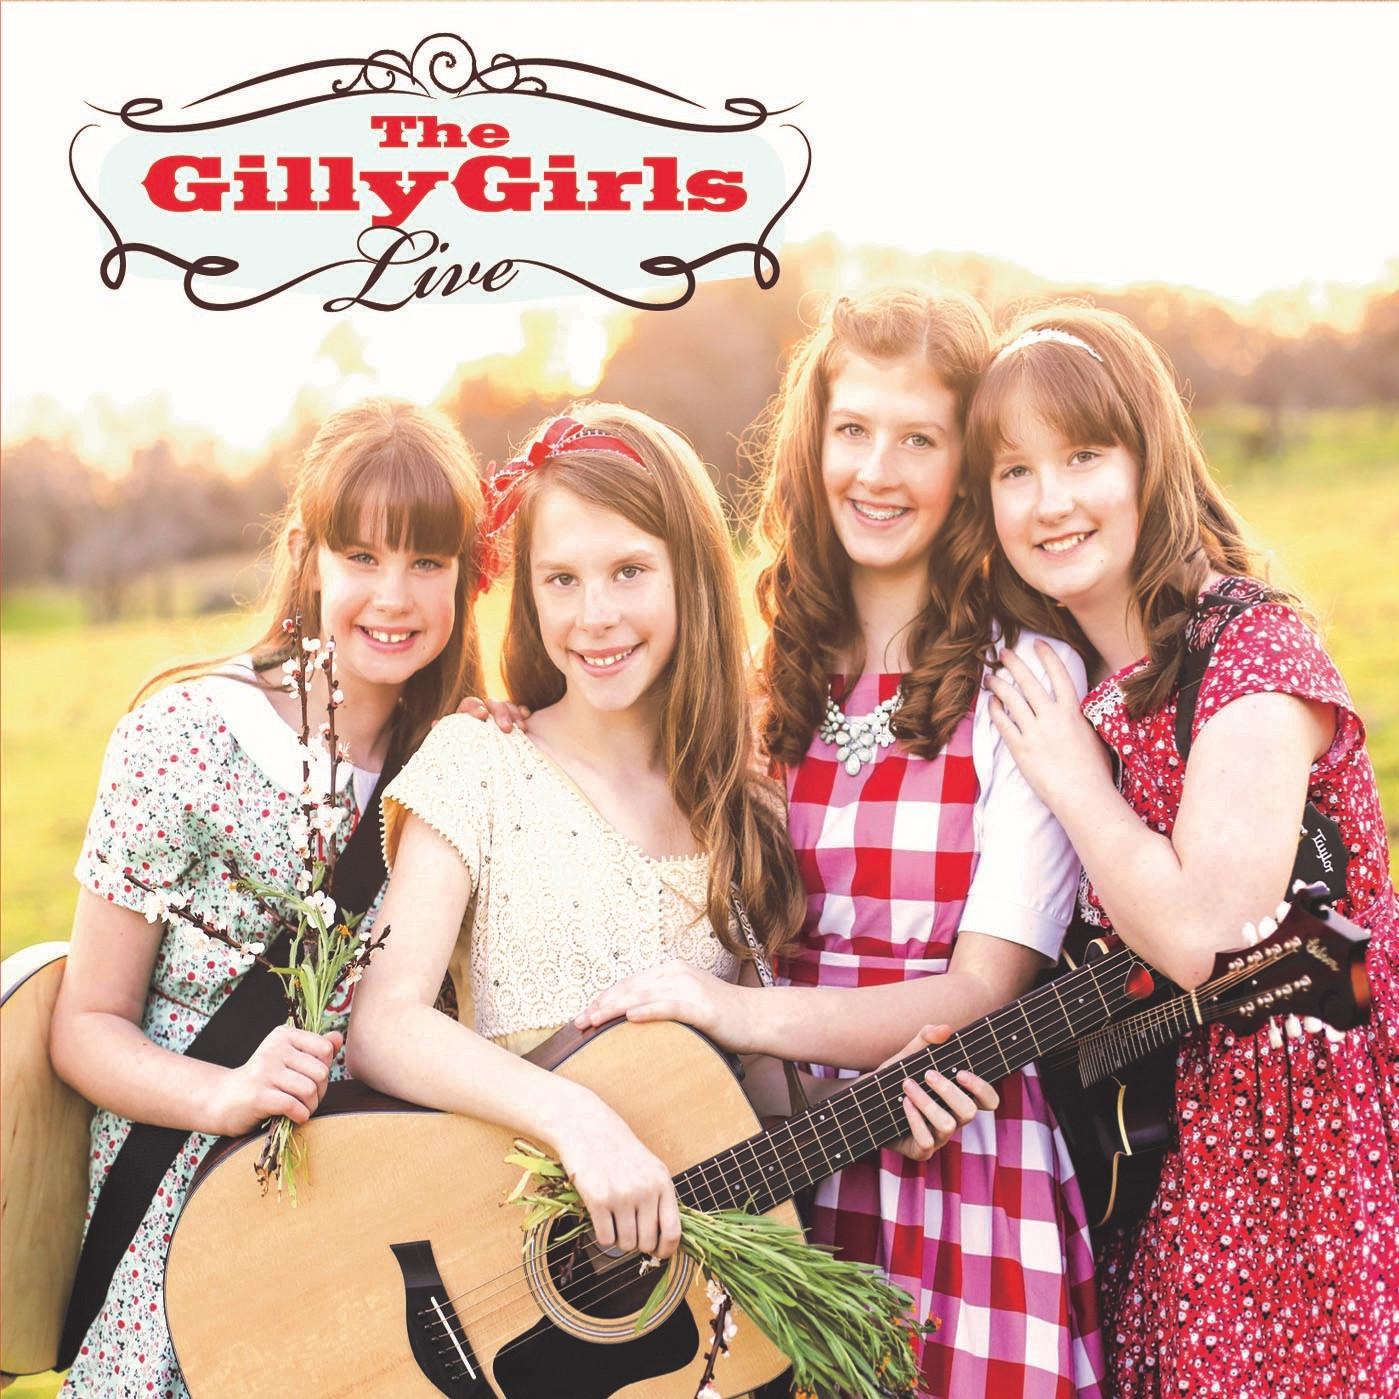 GillyGirls Live CD